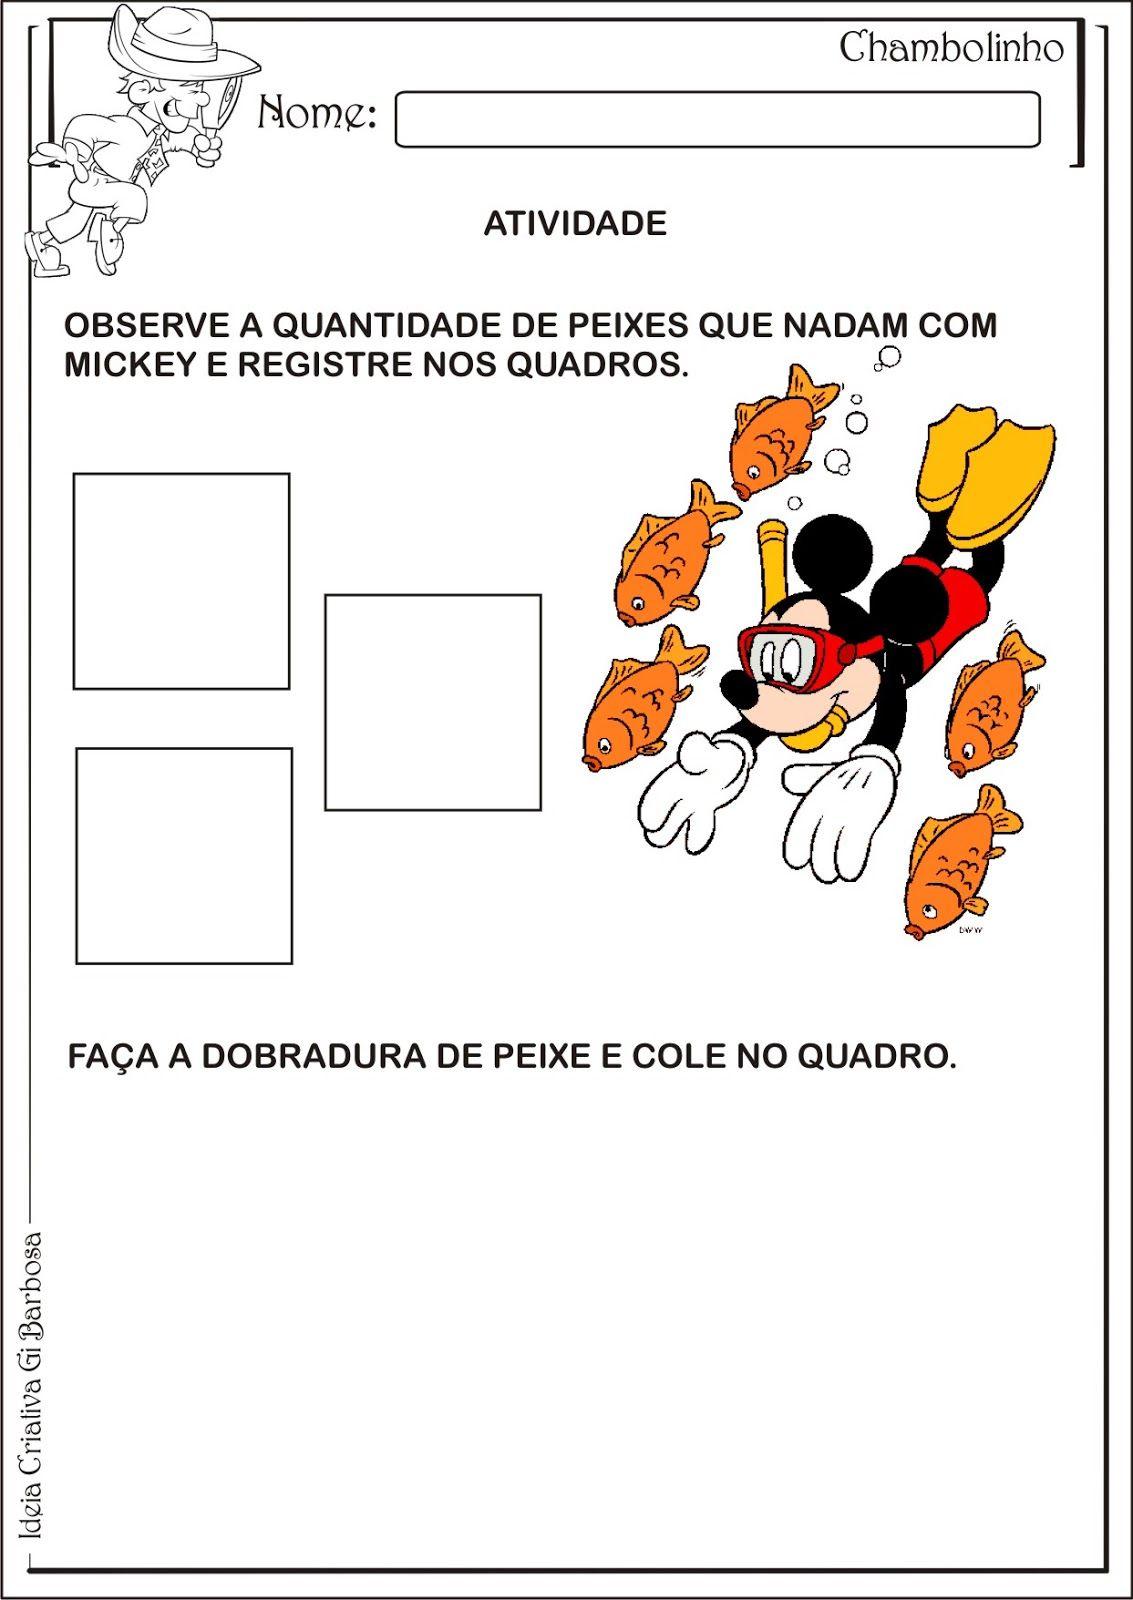 Atividade Temática Animais Aquáticos Dobradura | Ideia Criativa - Gi Barbosa Educação Infantil